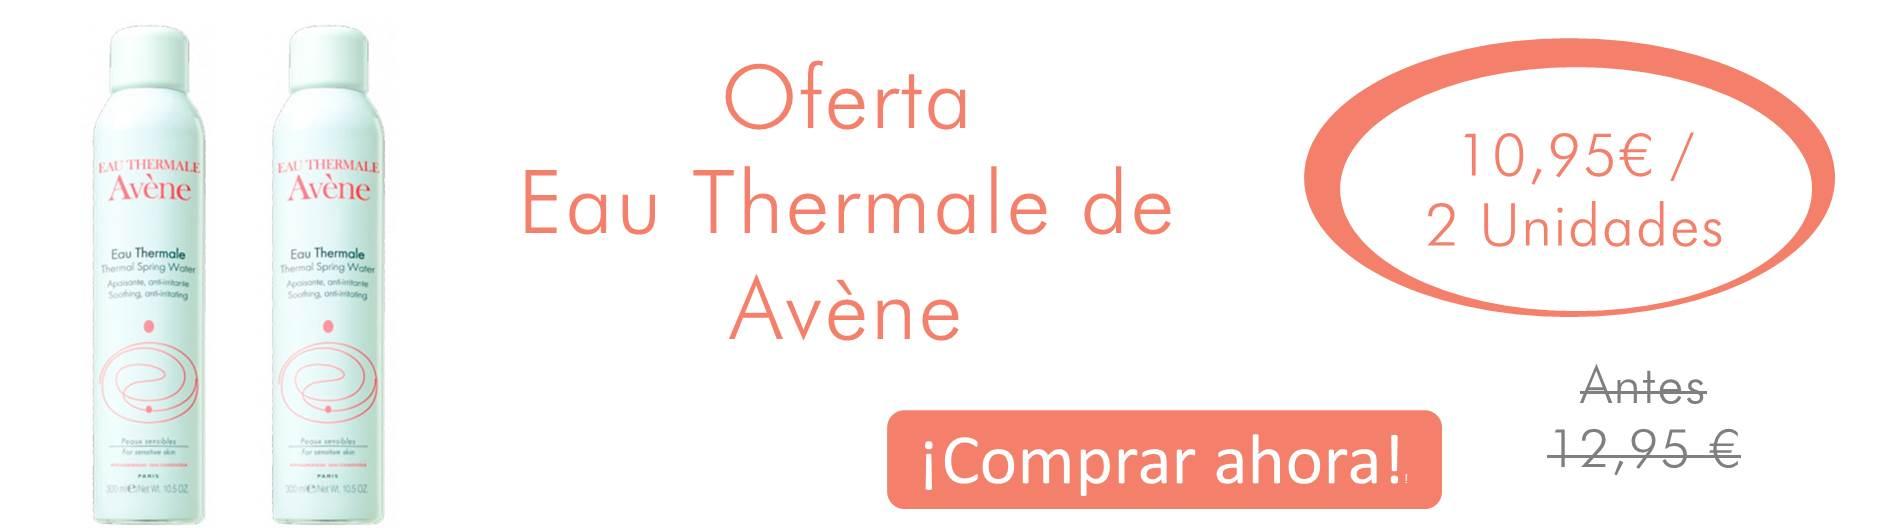 Eau-Thermale-Avene-Oferta